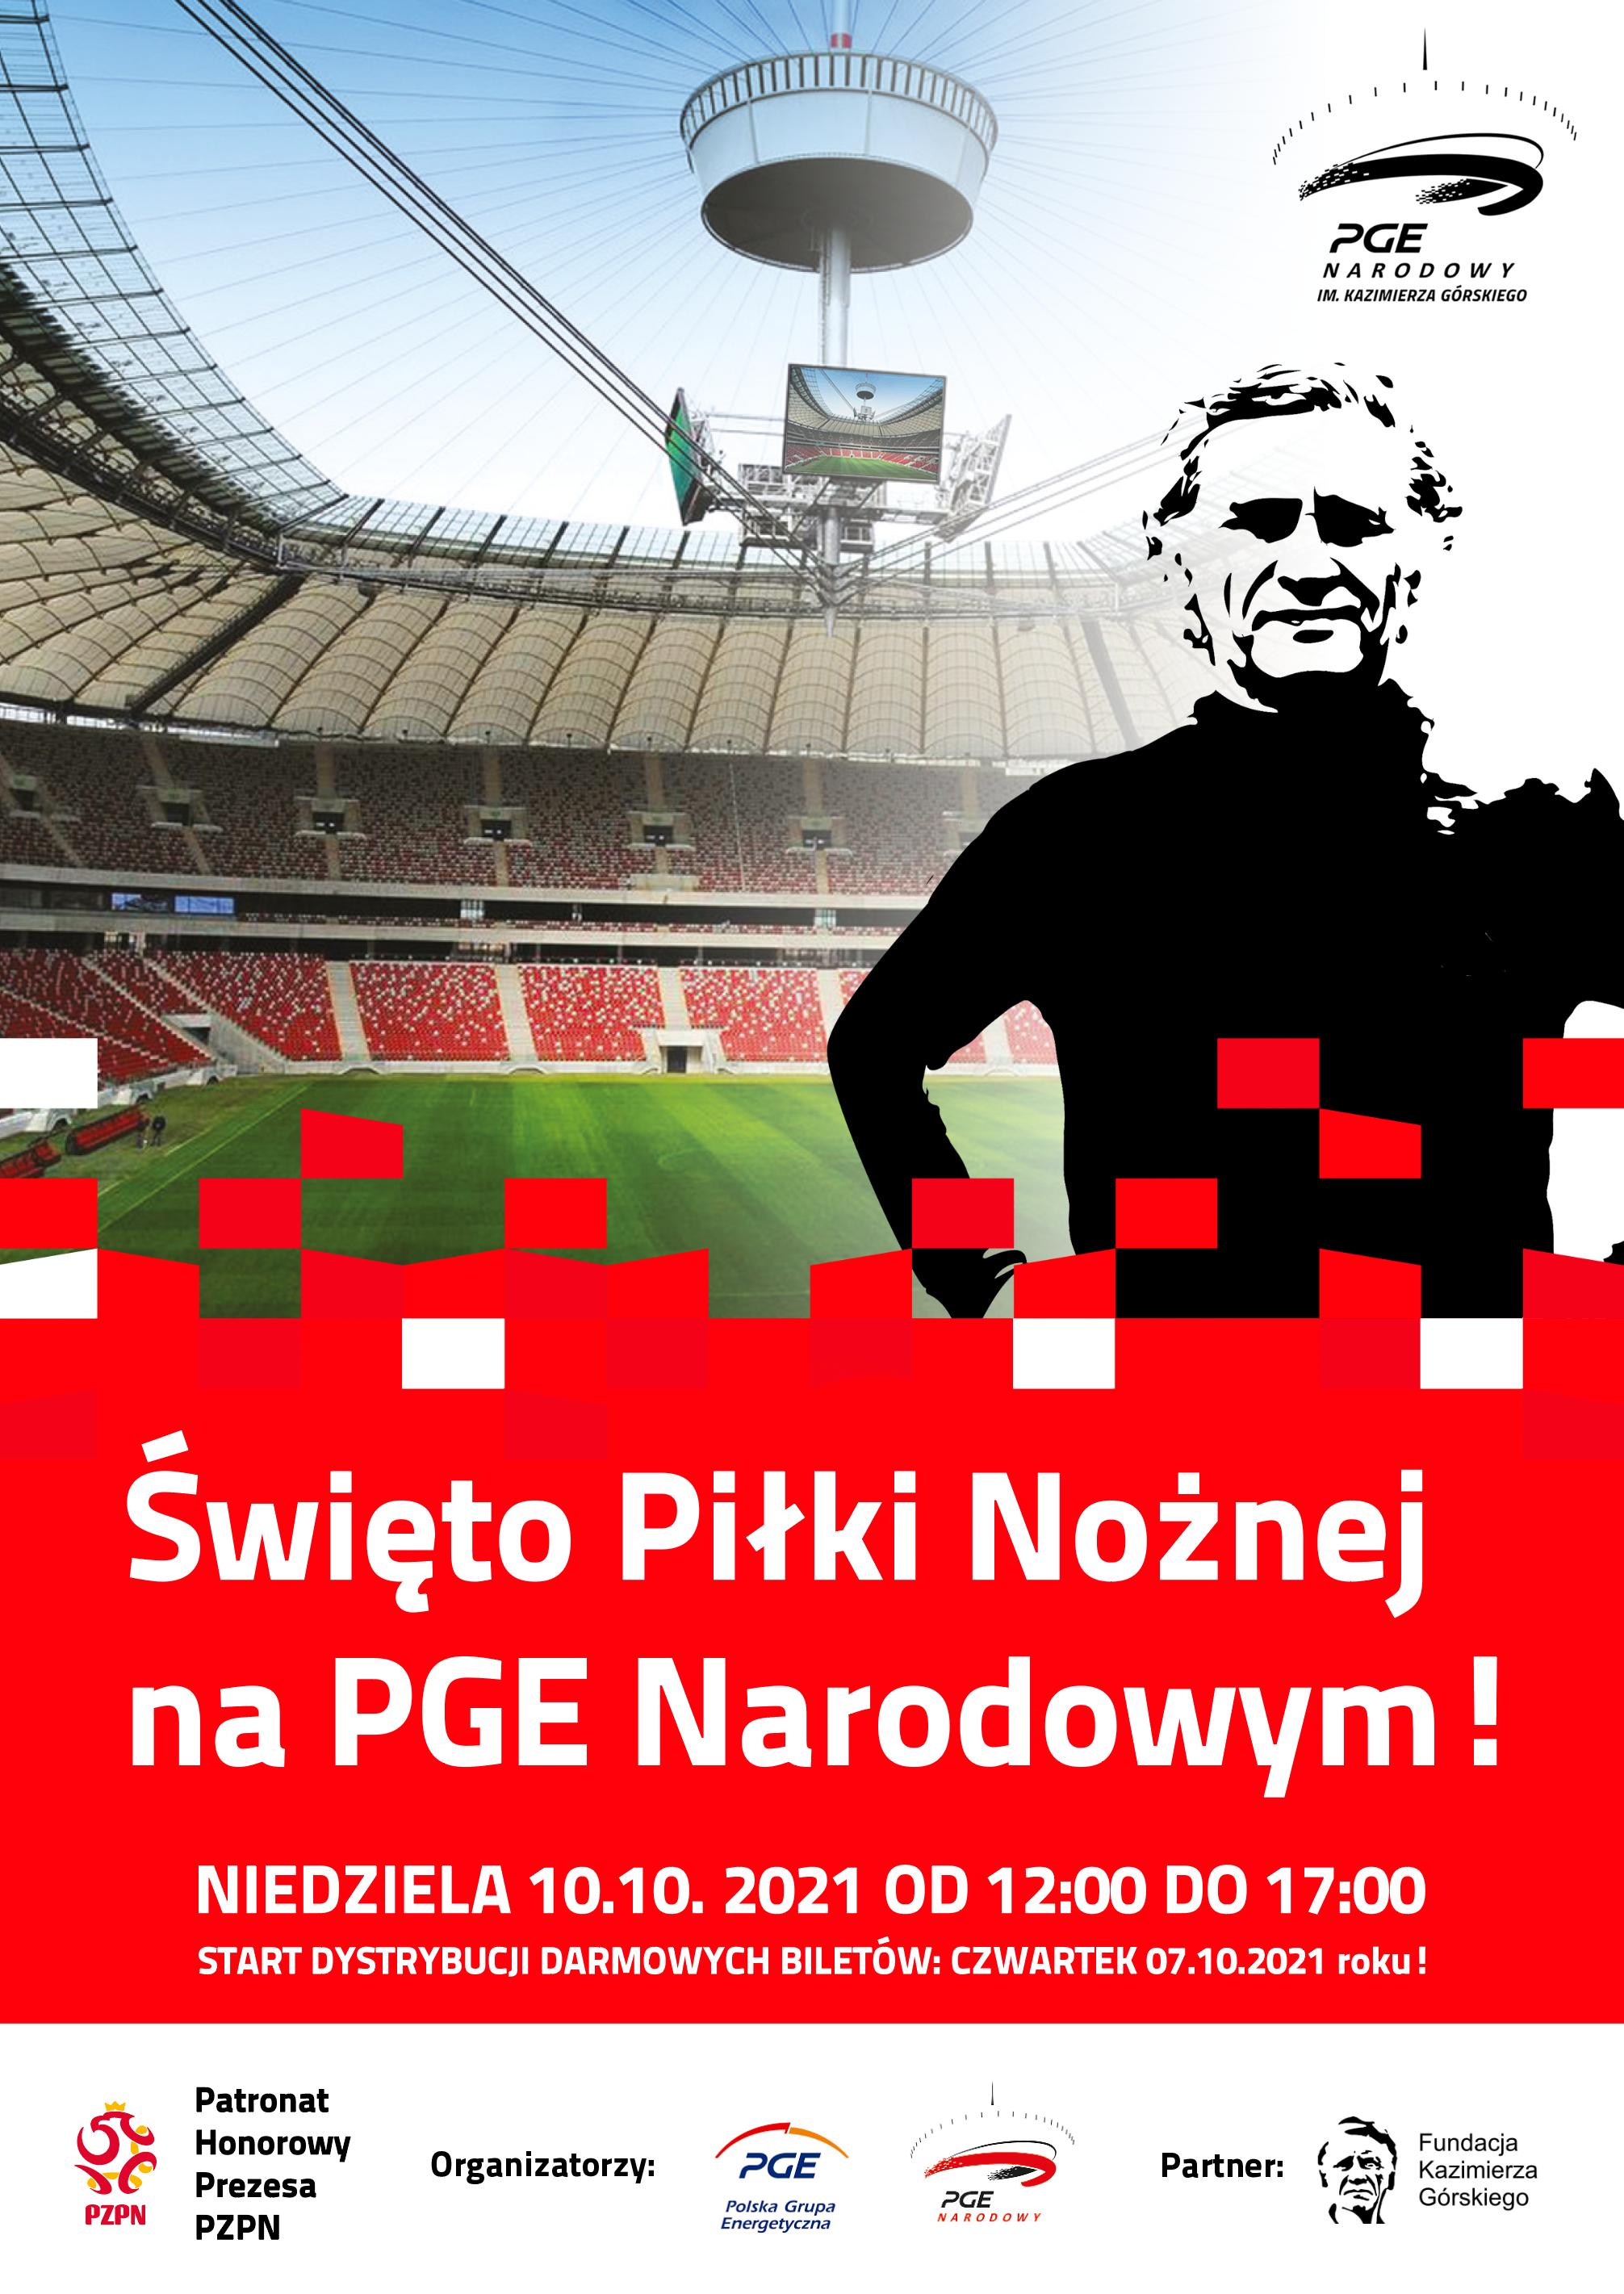 pge-i-pge-narodowy-zapraszaja-na-swieto-pilki-noznej.png